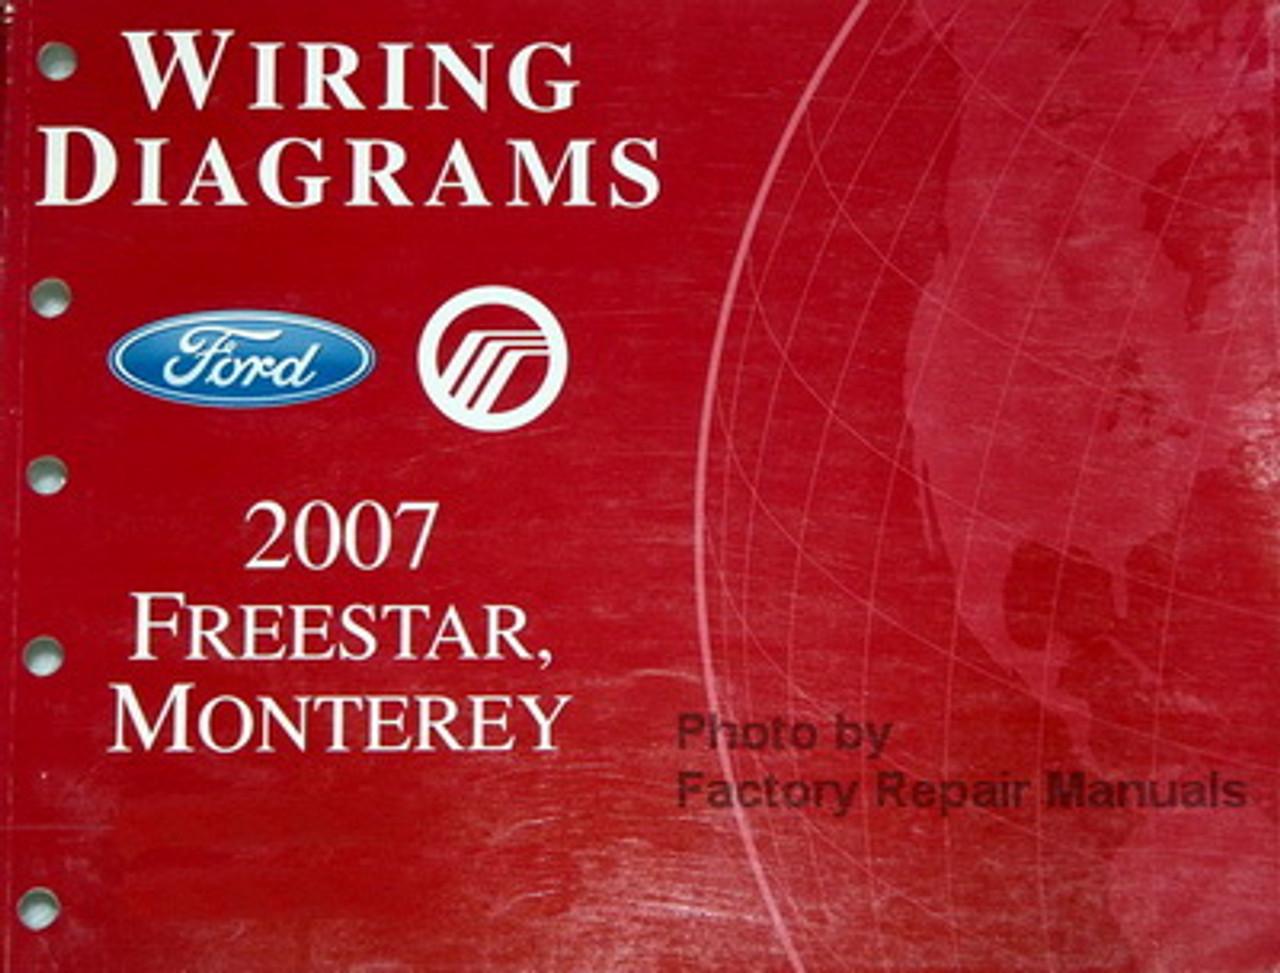 Free Ford Repair Manuals Diagrams